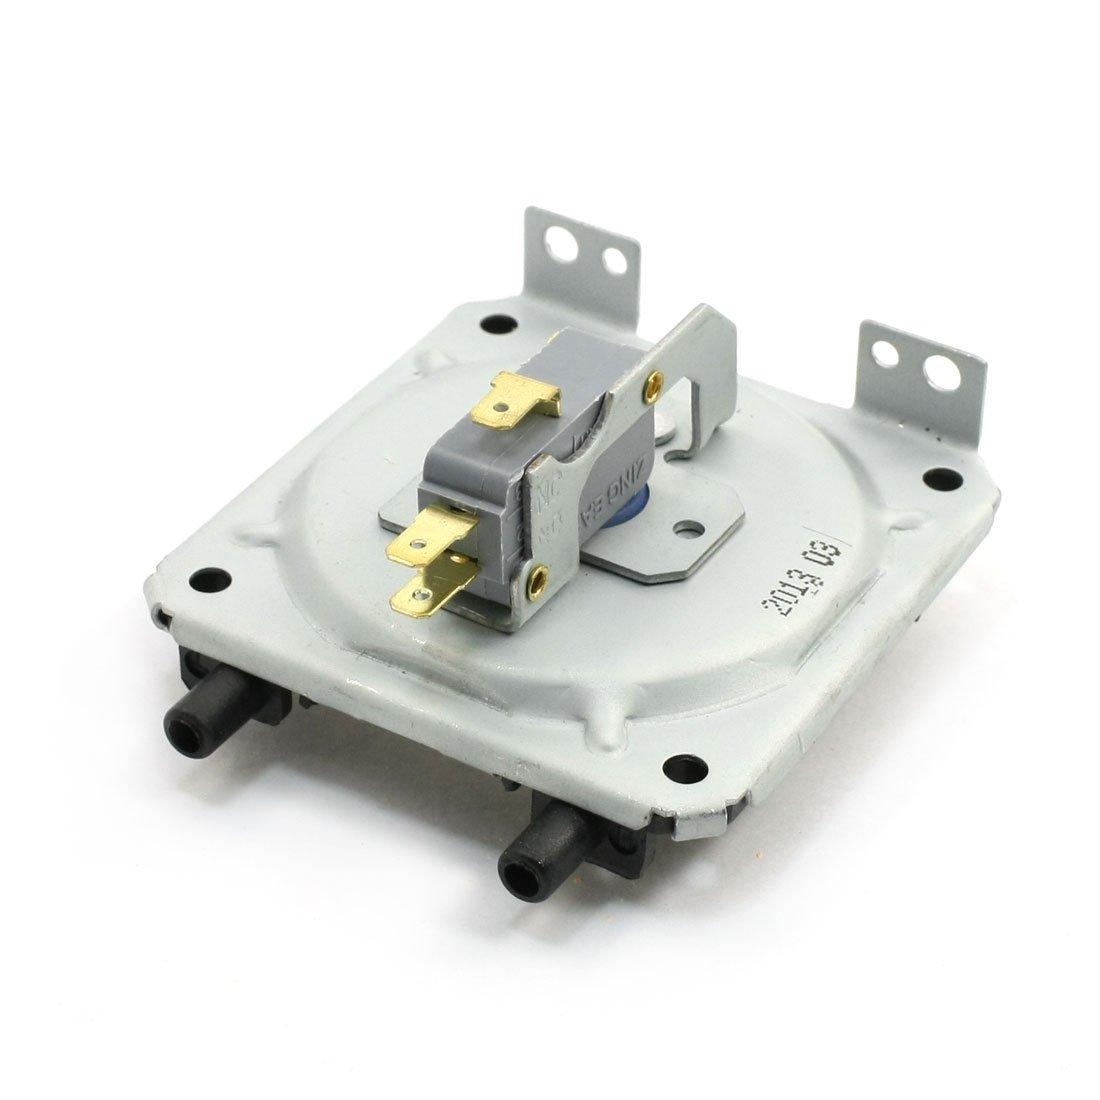 Sourcingmap a13092300ux0565 - Presión de control automático de cambiar 0,9-10 mbar para el calentador de agua de gas: Amazon.es: Bricolaje y herramientas